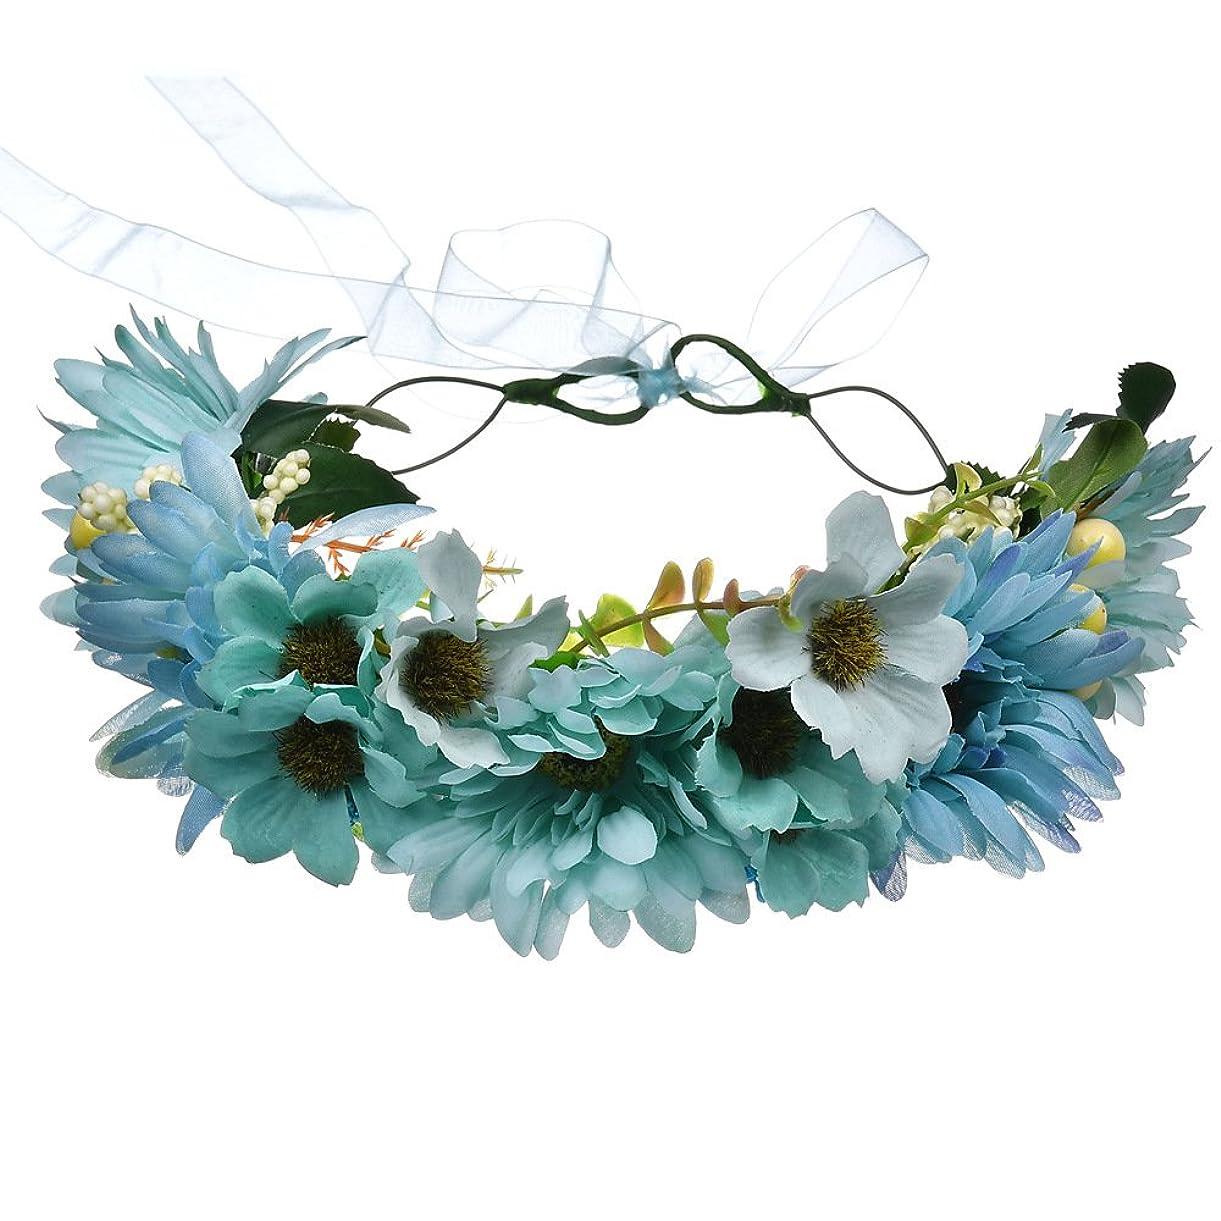 調べる服を洗うまもなく1st market 自由奔放な菊の花輪ヘッドバンドヘッドバンド絶妙なユリの花ヘッドドレスビーチ写真の装飾女性の花輪ヘッドバンドヘアアクセサリーブルー耐久性と便利